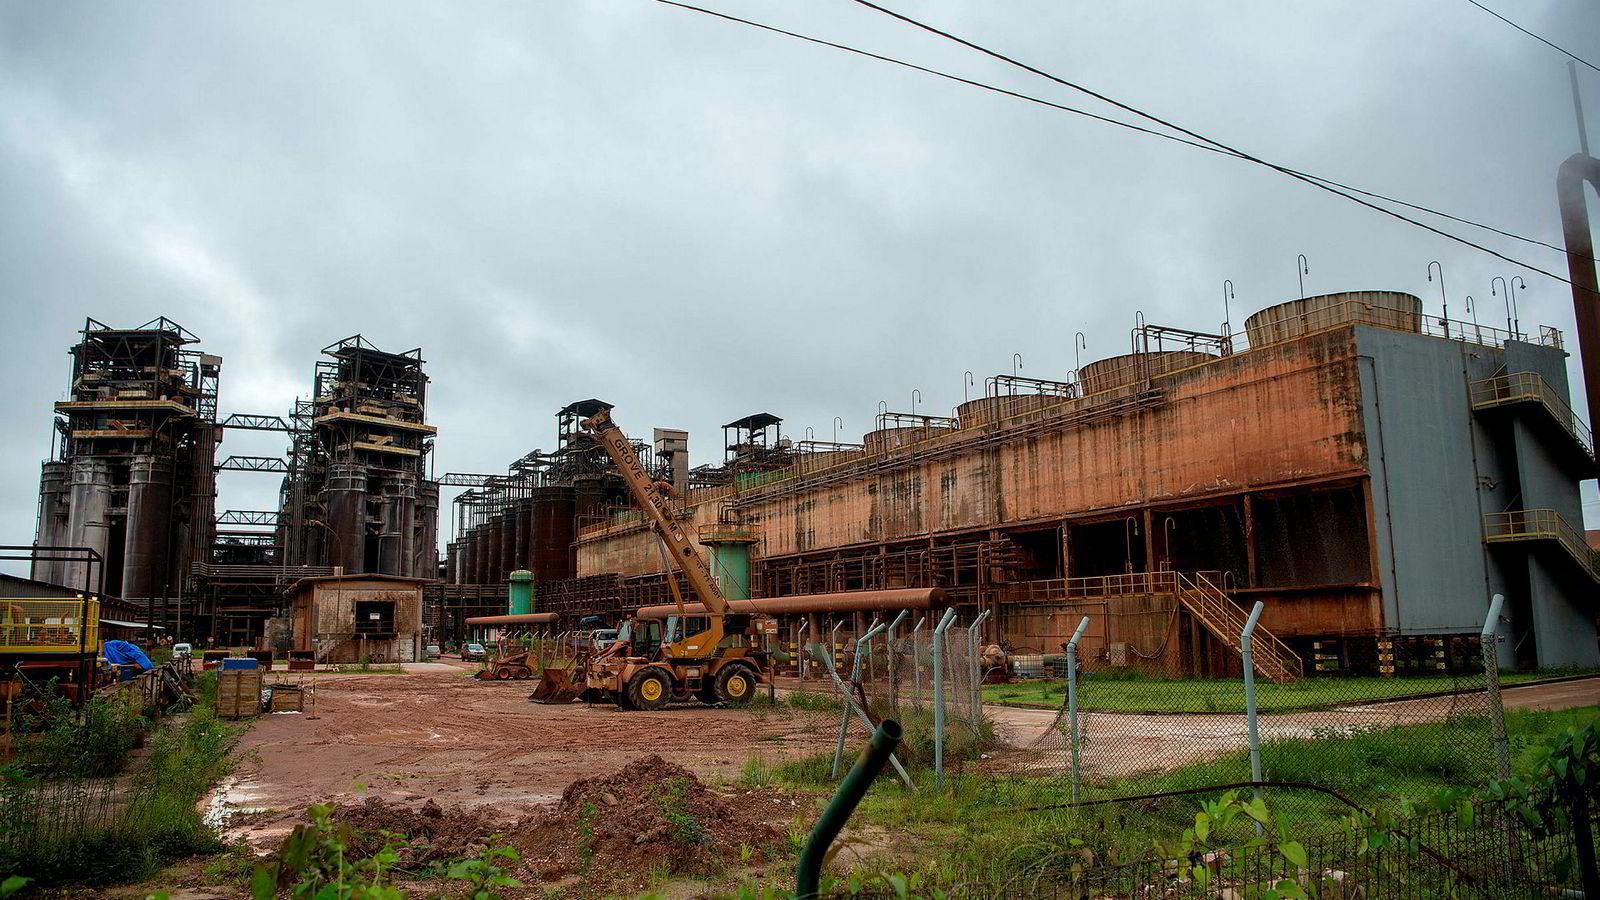 Verdens største aluminaraffineri, Alunorte, har gått på halv maskin i snart 11 måneder. Nå er Hydro enda et steg nærmere å få løftet produksjonsrestriksjonene.